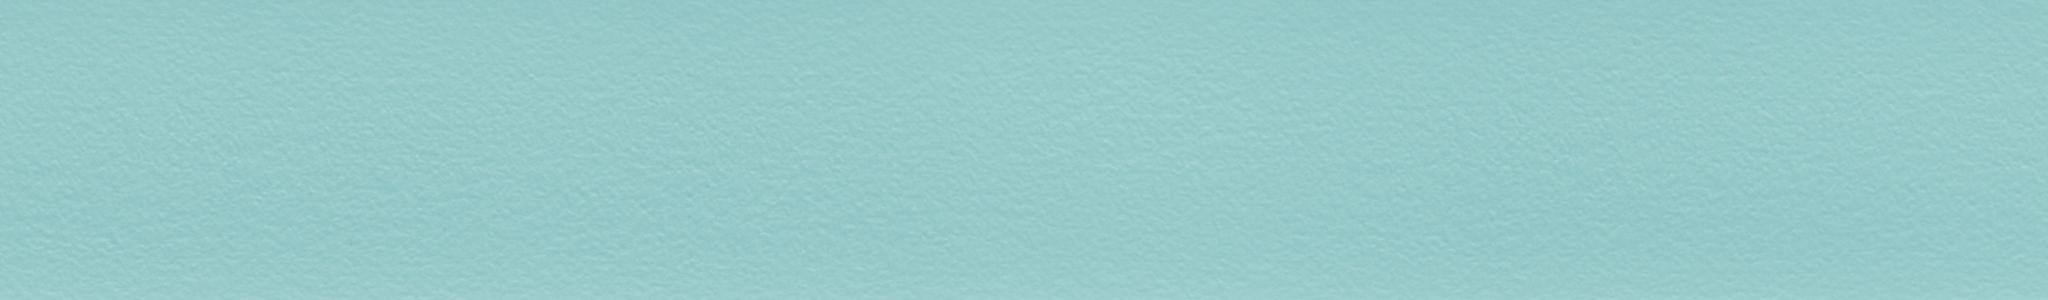 HU 16212 ABS hrana zelená perla jemná 107